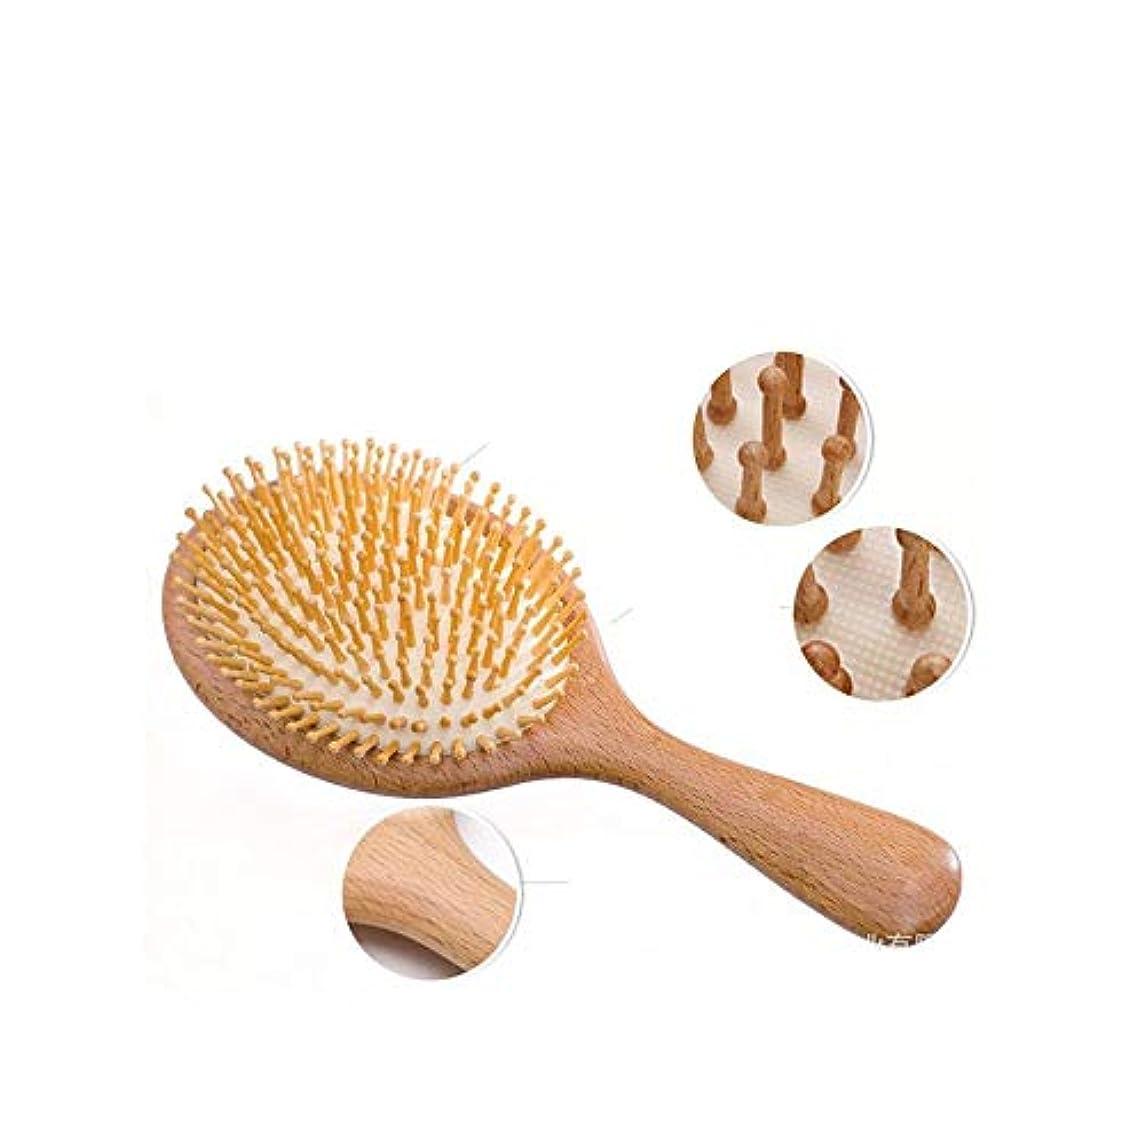 鮫着陸電信Fashianくしヘアブラシ静電気防止マッサージくし、すべての髪のタイプのためのブナの木のくし ヘアケア (色 : Round)